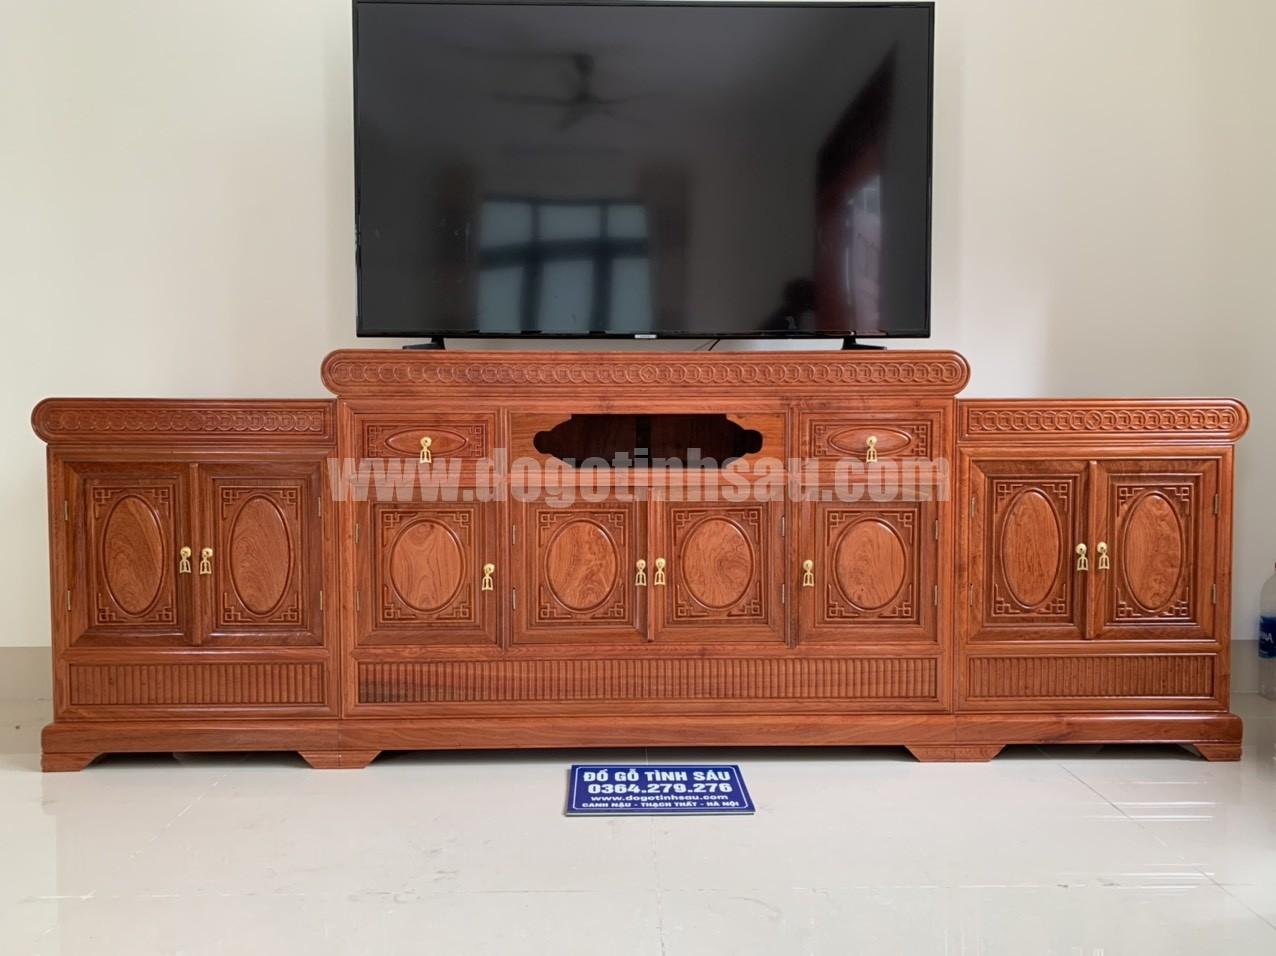 ke tivi mo loi go huong da dai 2m4x45x81 - Kệ tivi mõ lồi gỗ hương đá dài 2m4 (cánh trơn dày 1.5)